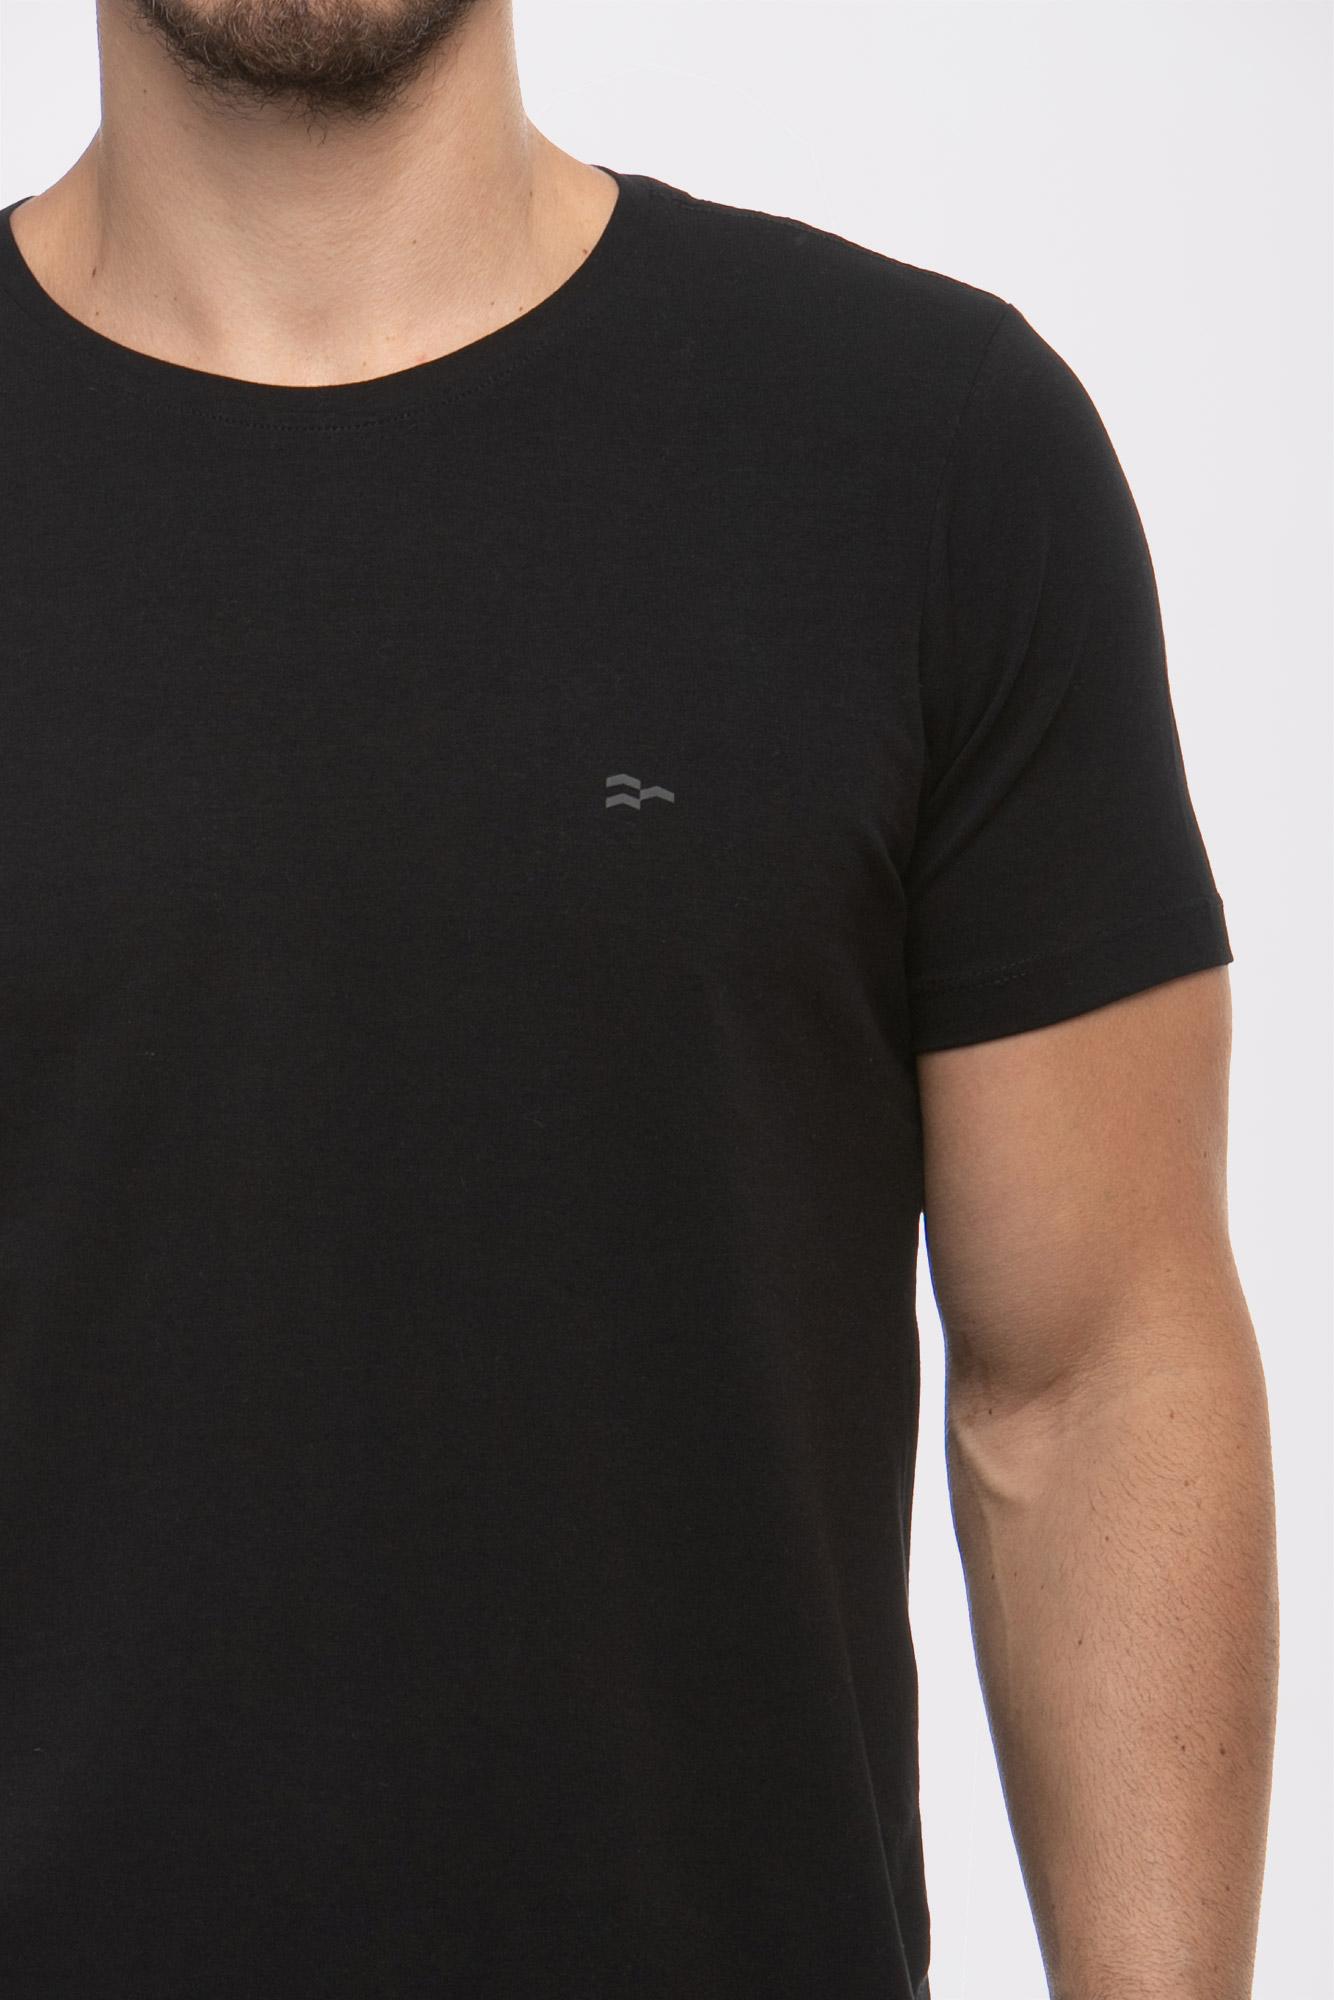 Camiseta Basic Egypt Preta/Preta